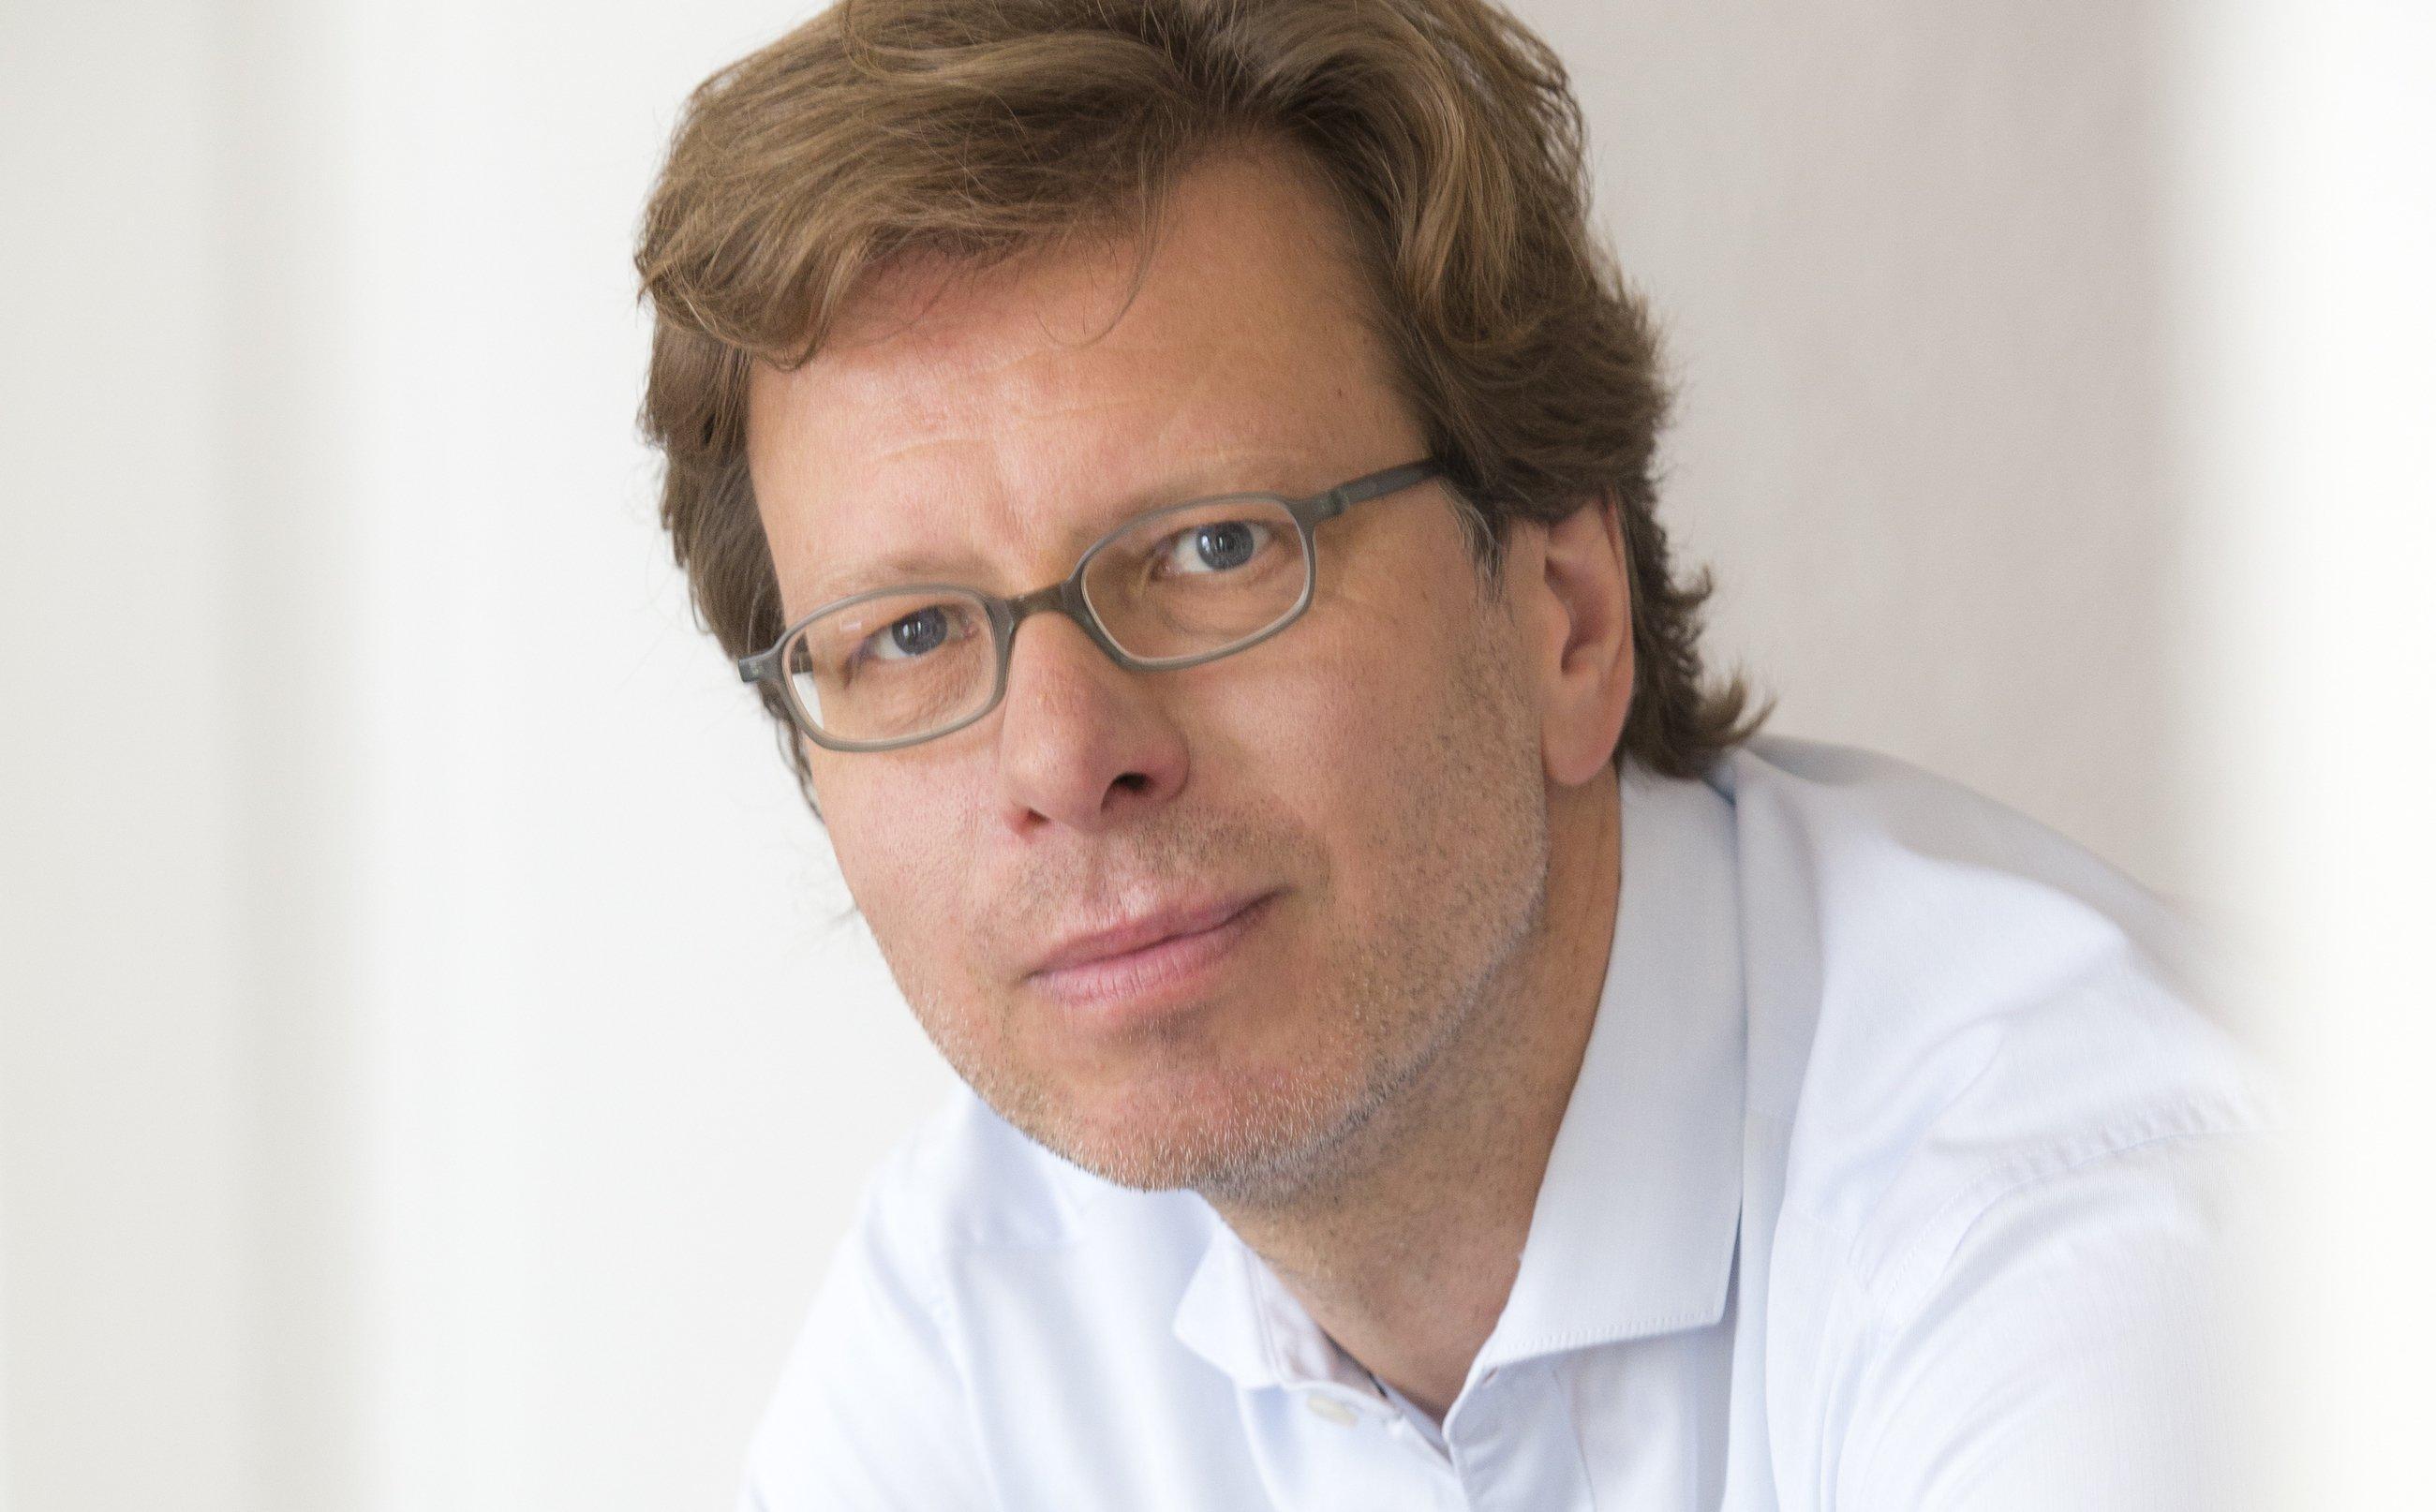 Porträt von Dr. Peter Spork, Buchautor, Redner und Wissenschaftsjournalist